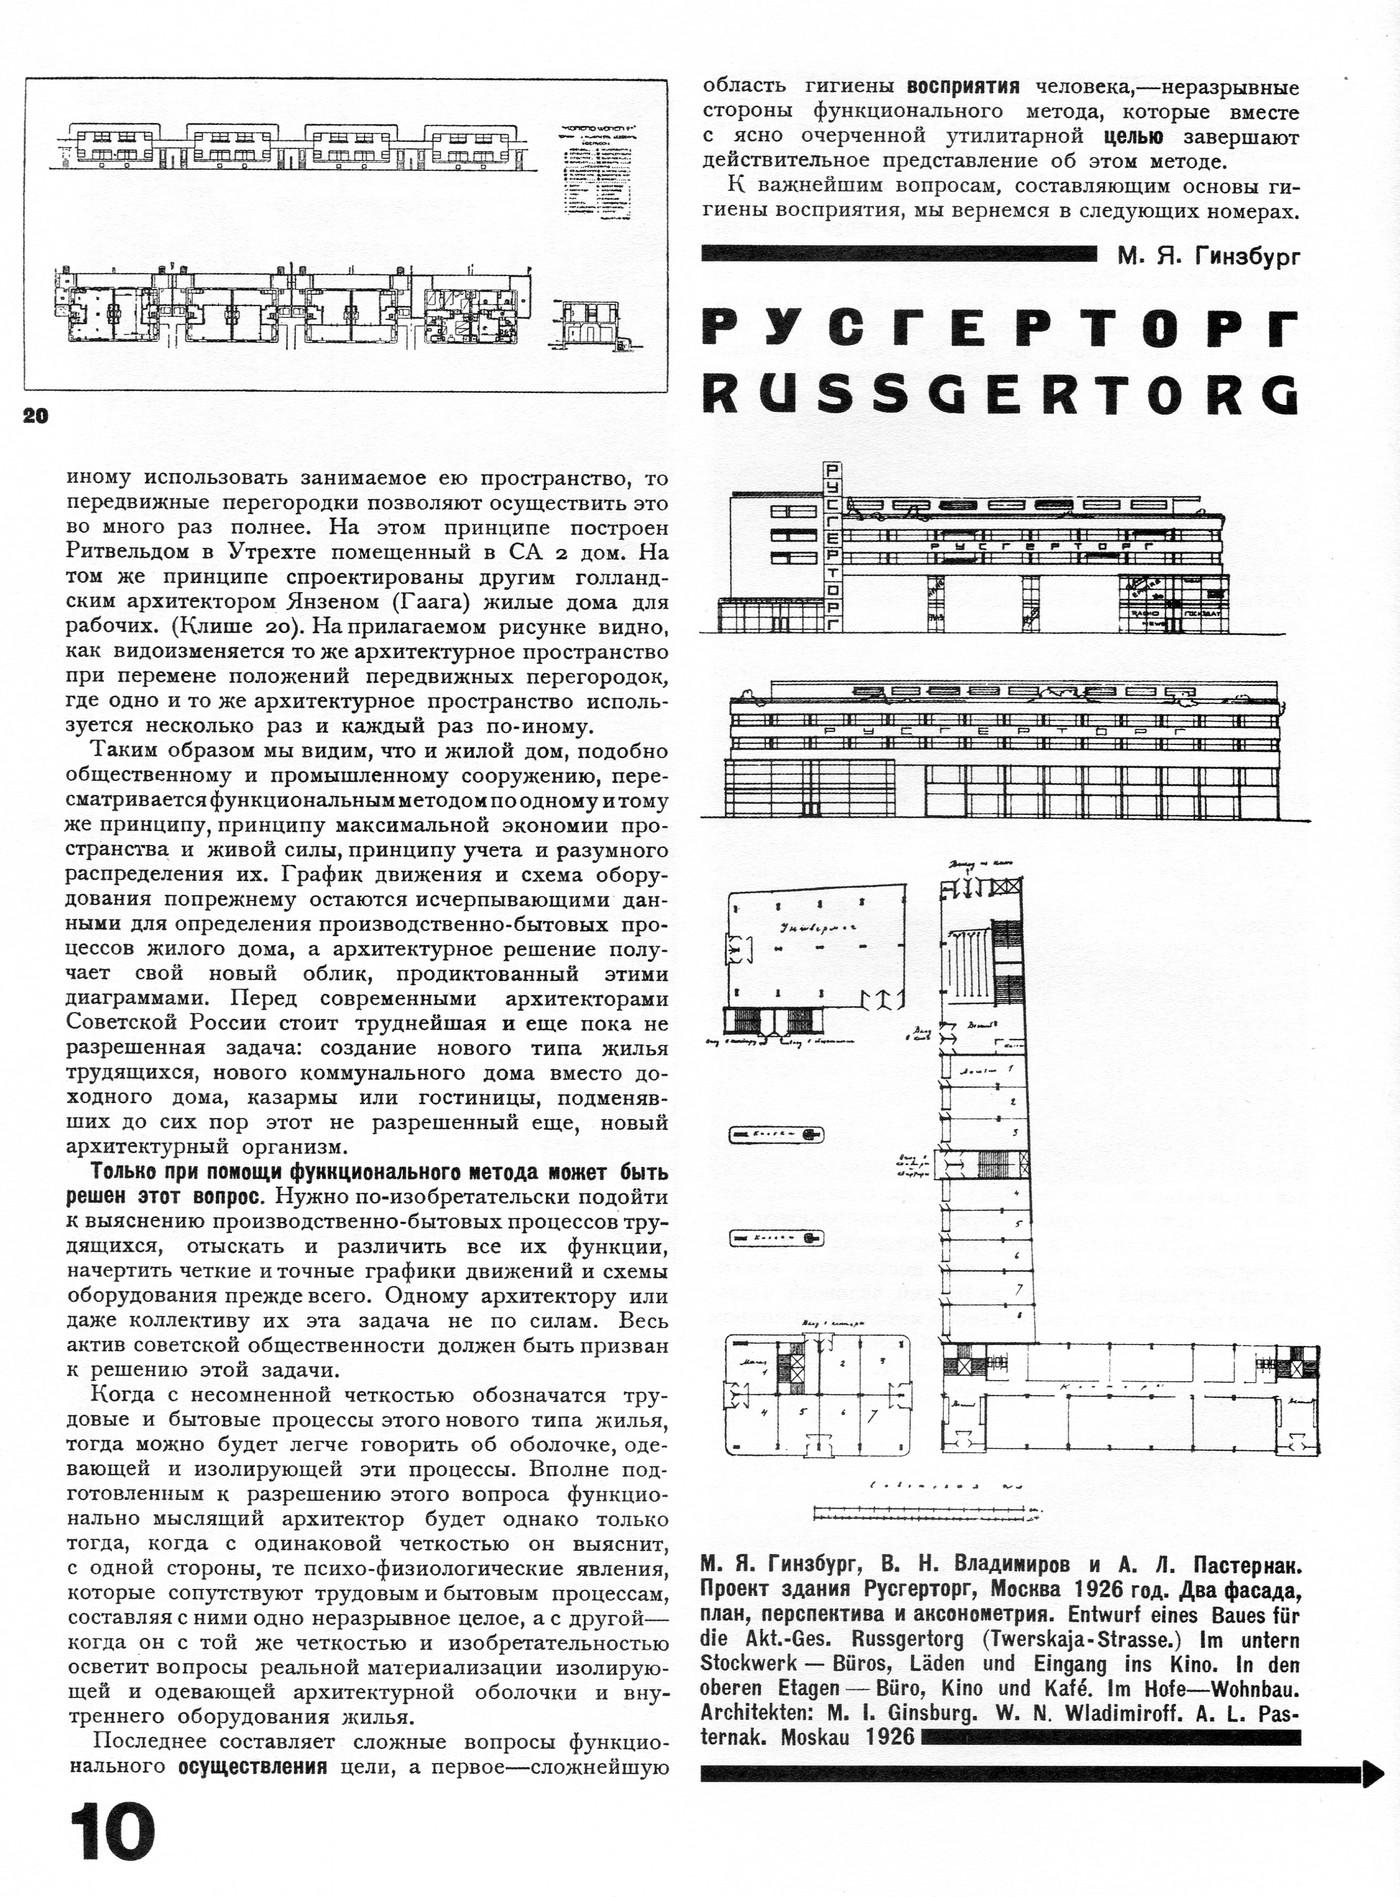 tehne.com-1927-1-014